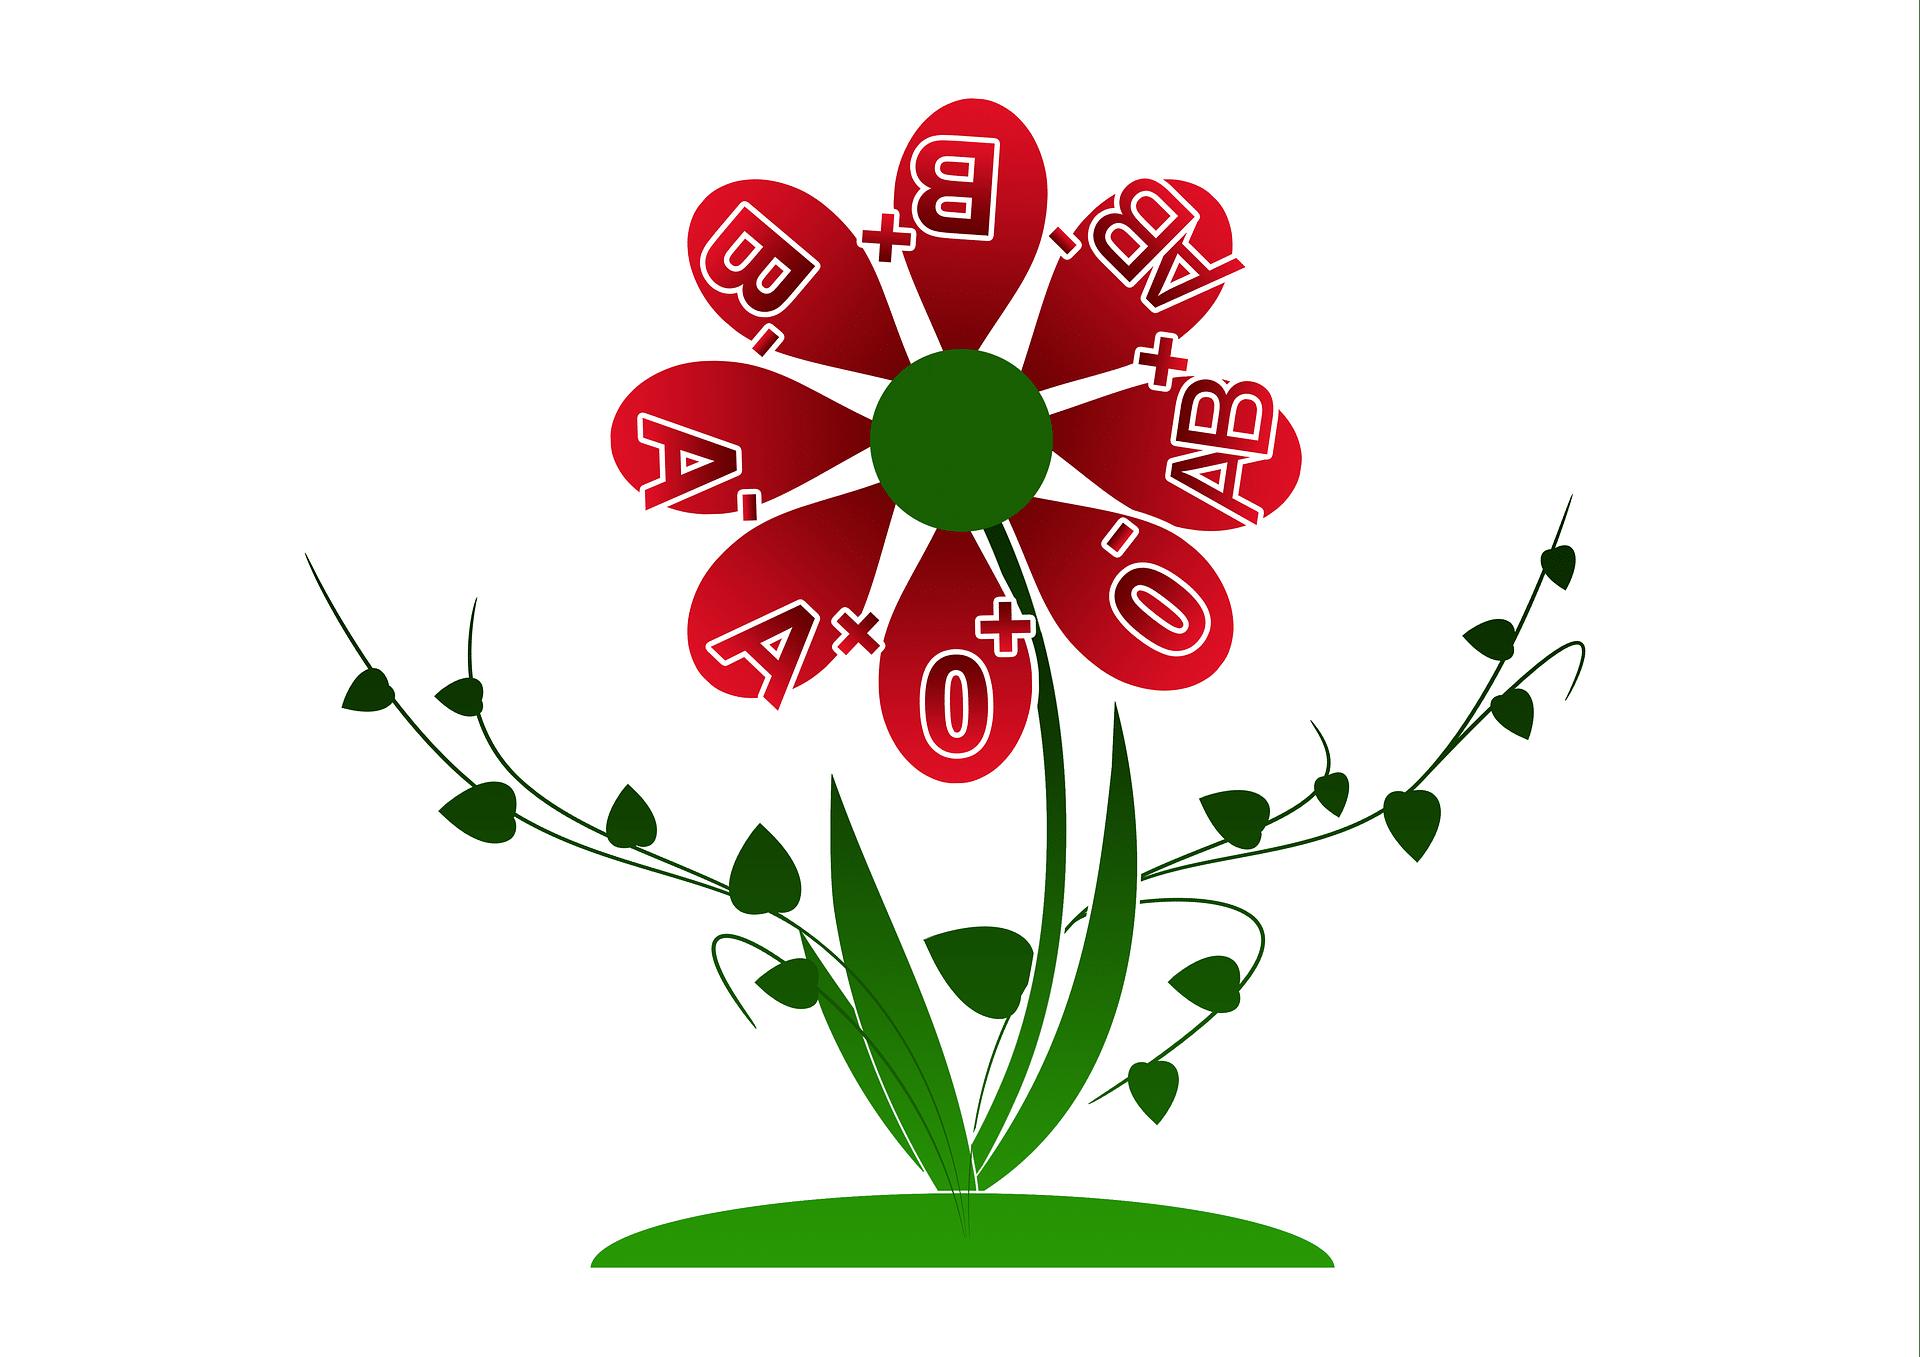 Víte, jakou máte krevní skupinu? / foto: pixabay.com